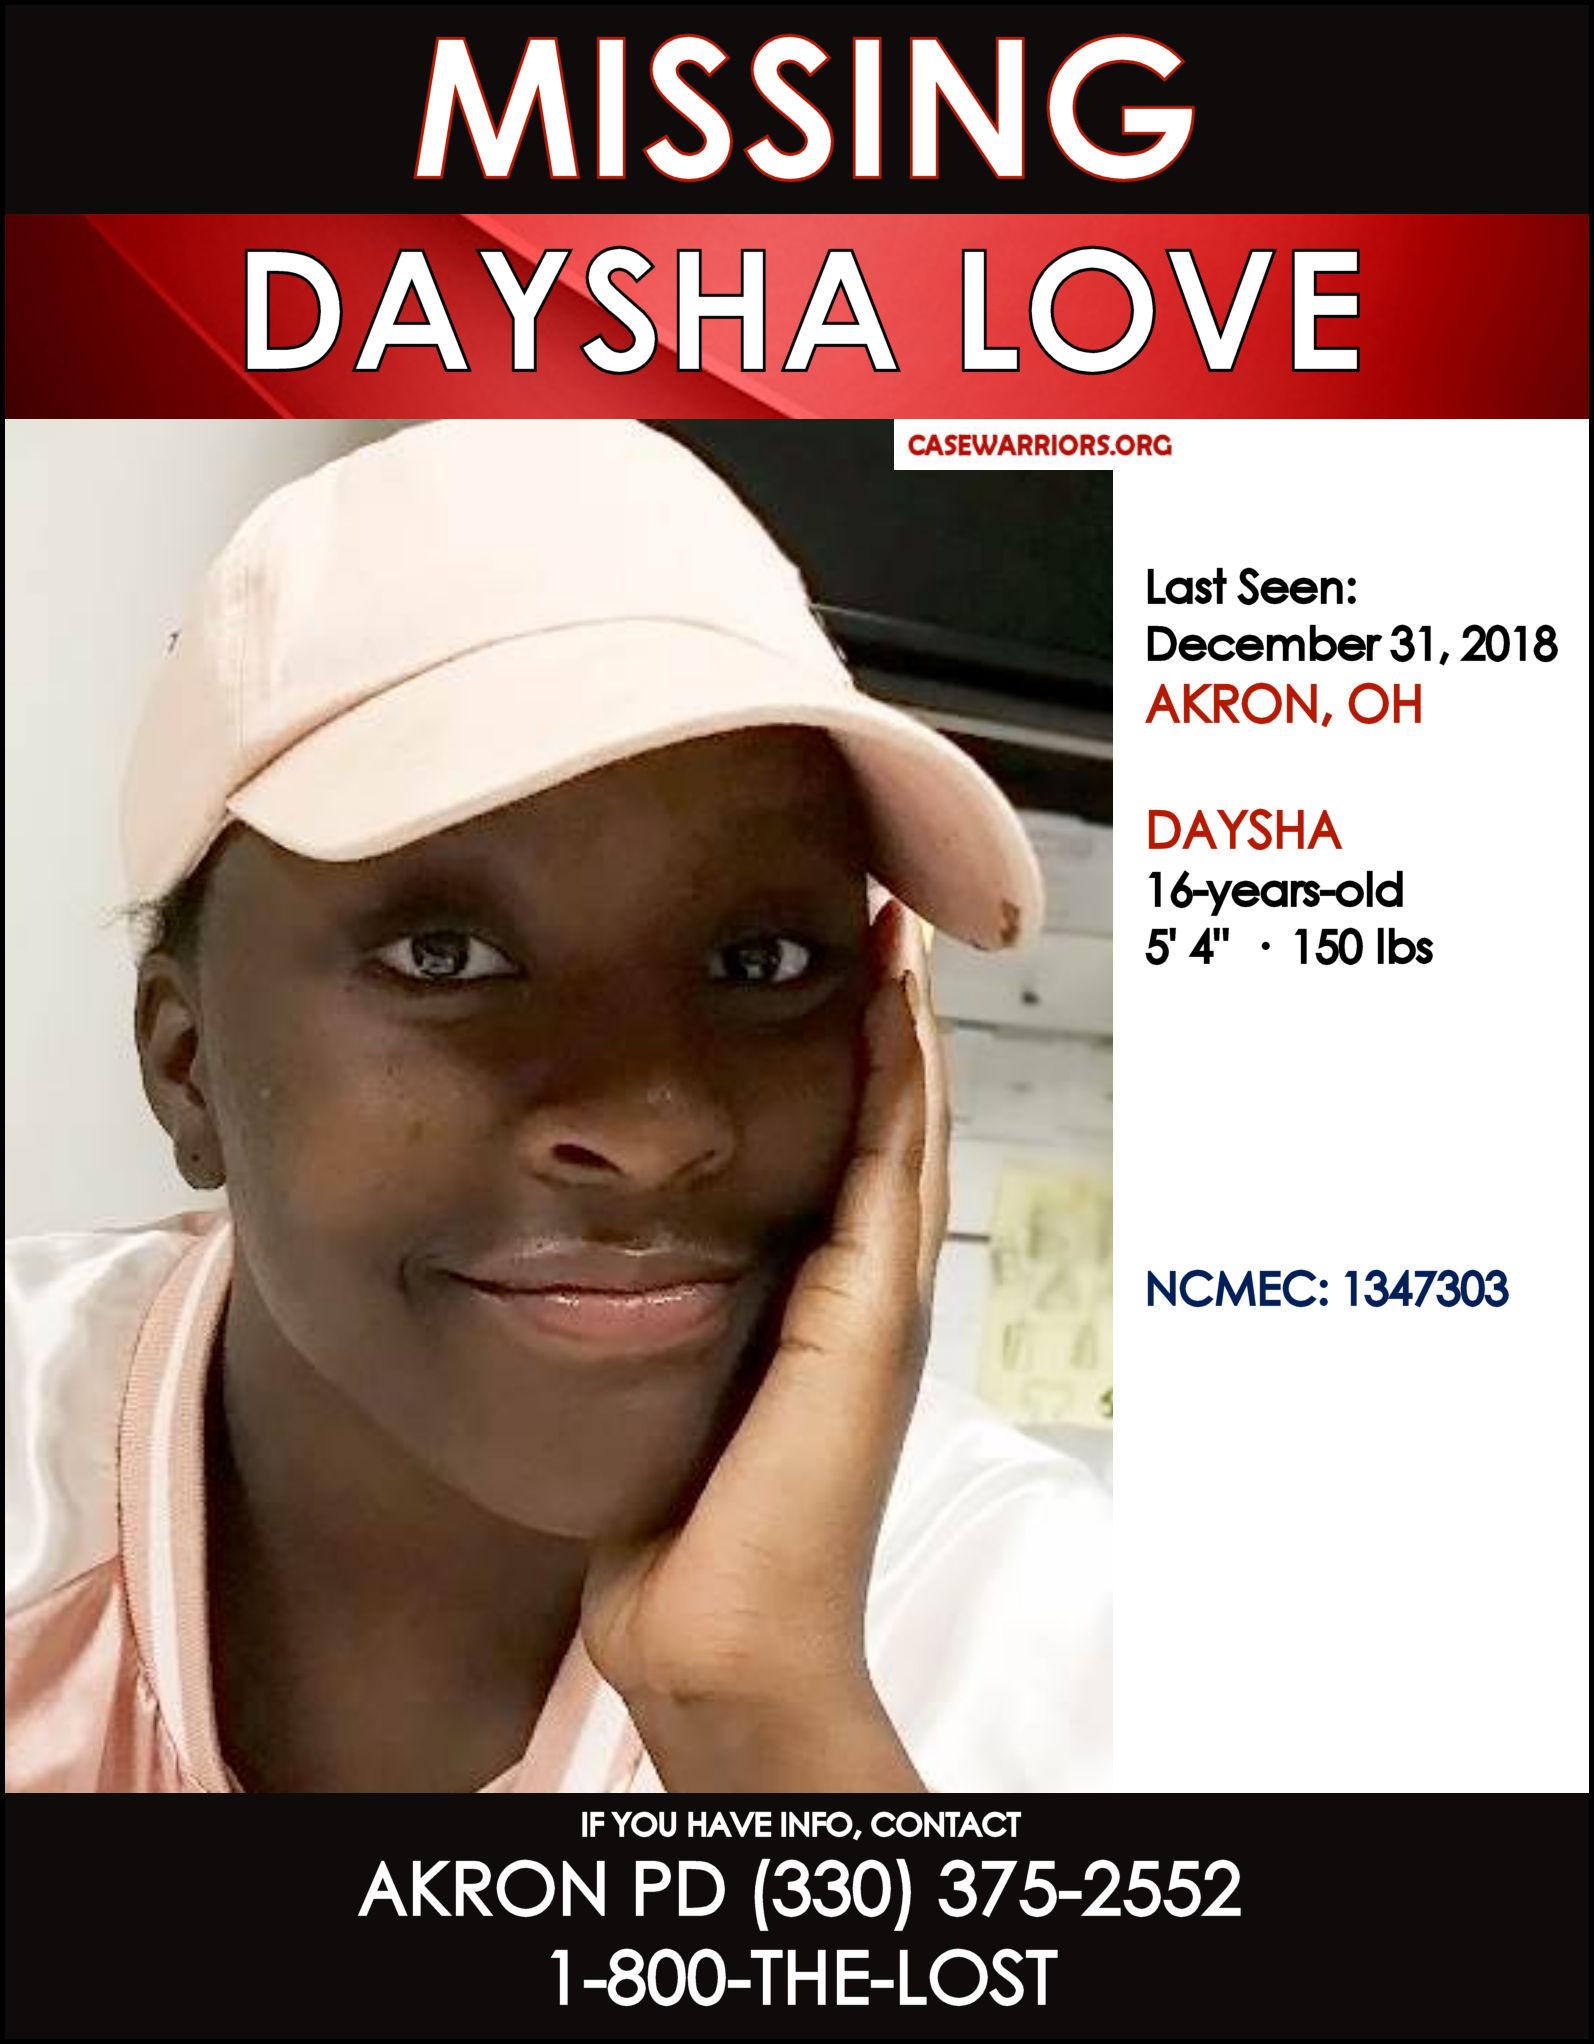 DAYSHA LOVE